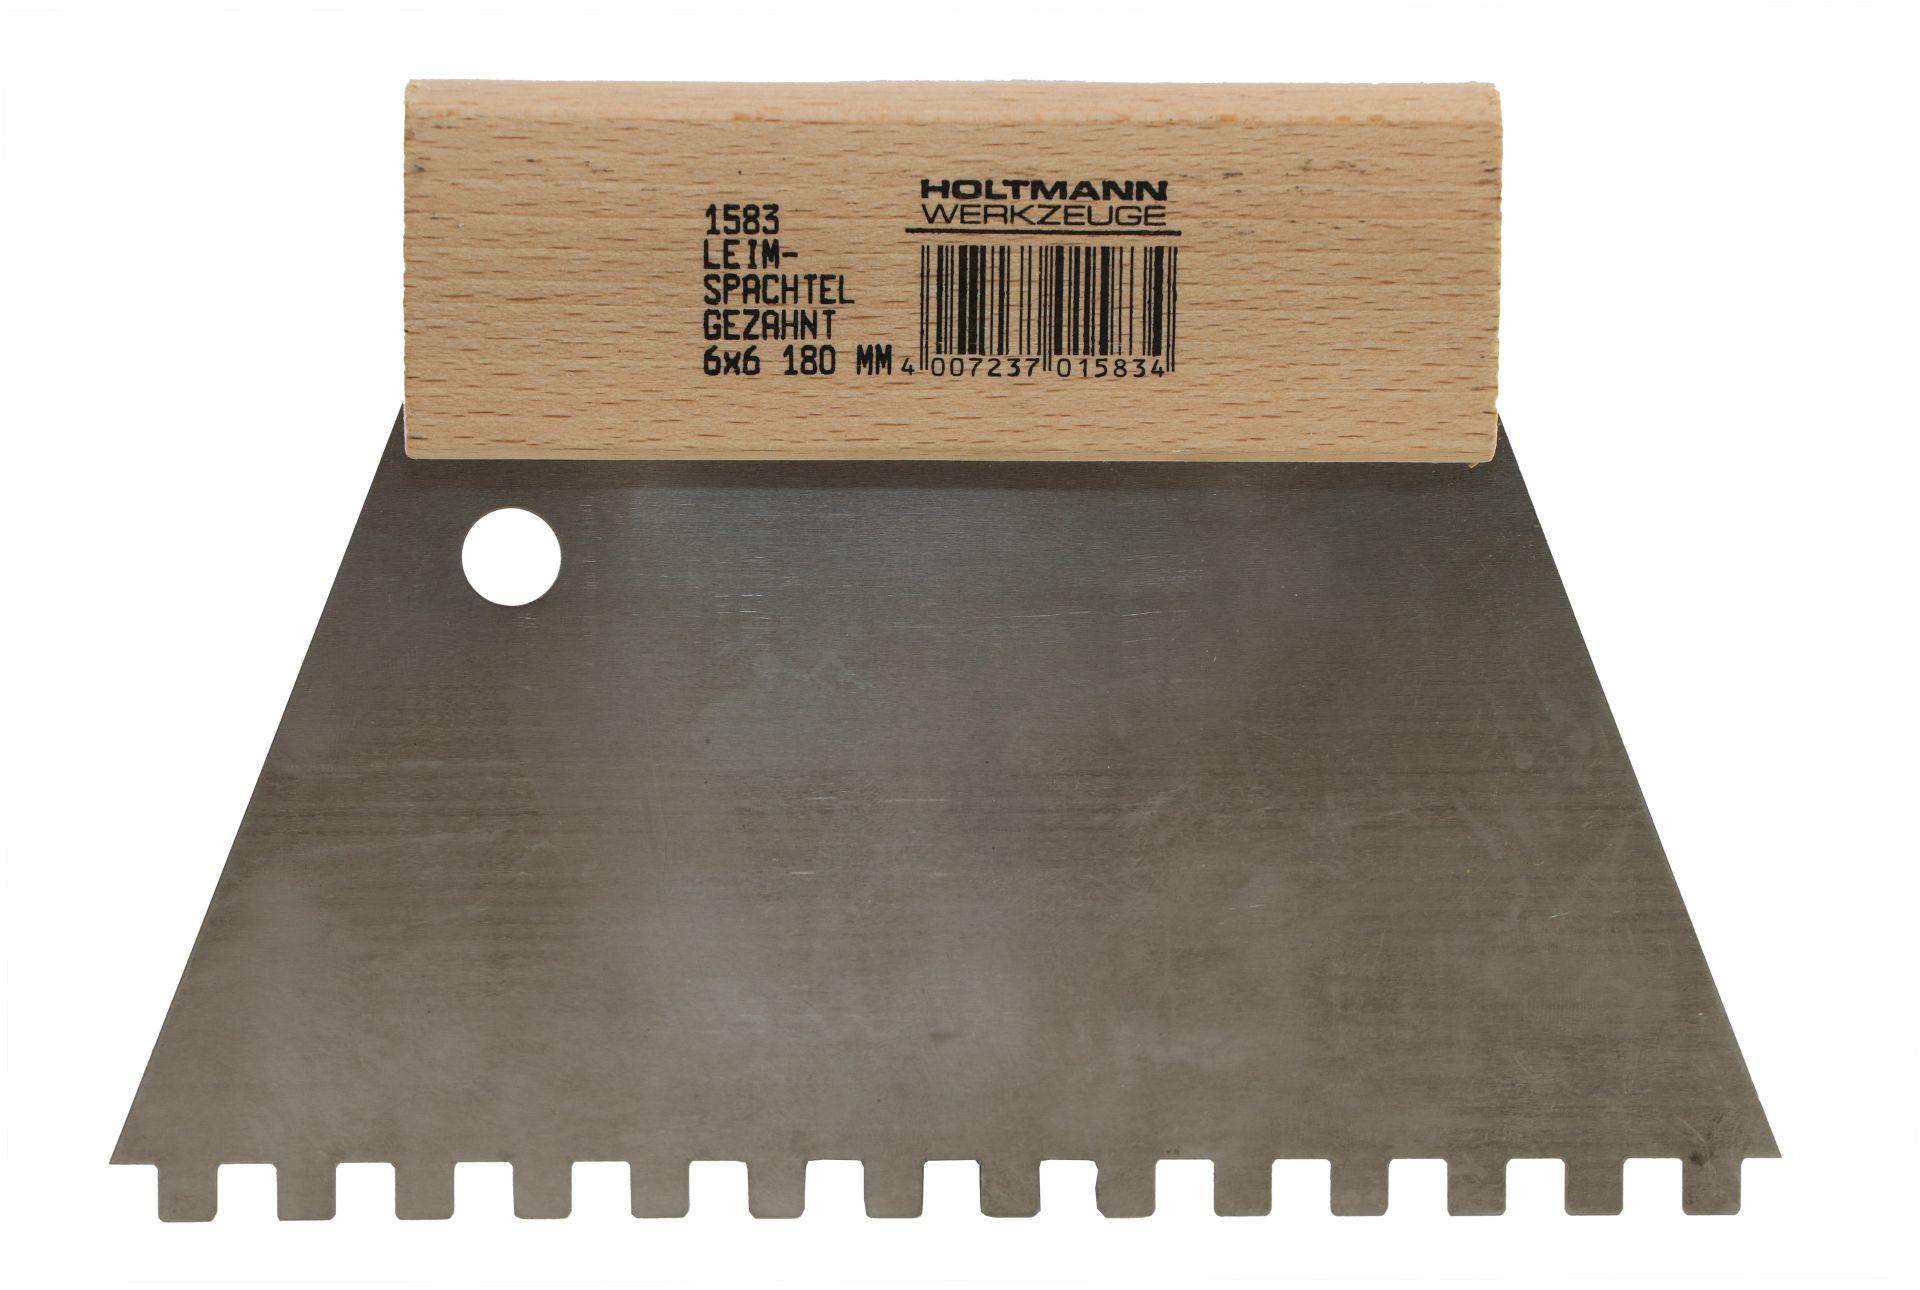 HUFA Leimspachtel, Klebespachtel, Kleberspachtel, Blattbreite 180 mm, Zahnung 6 x 6 mm